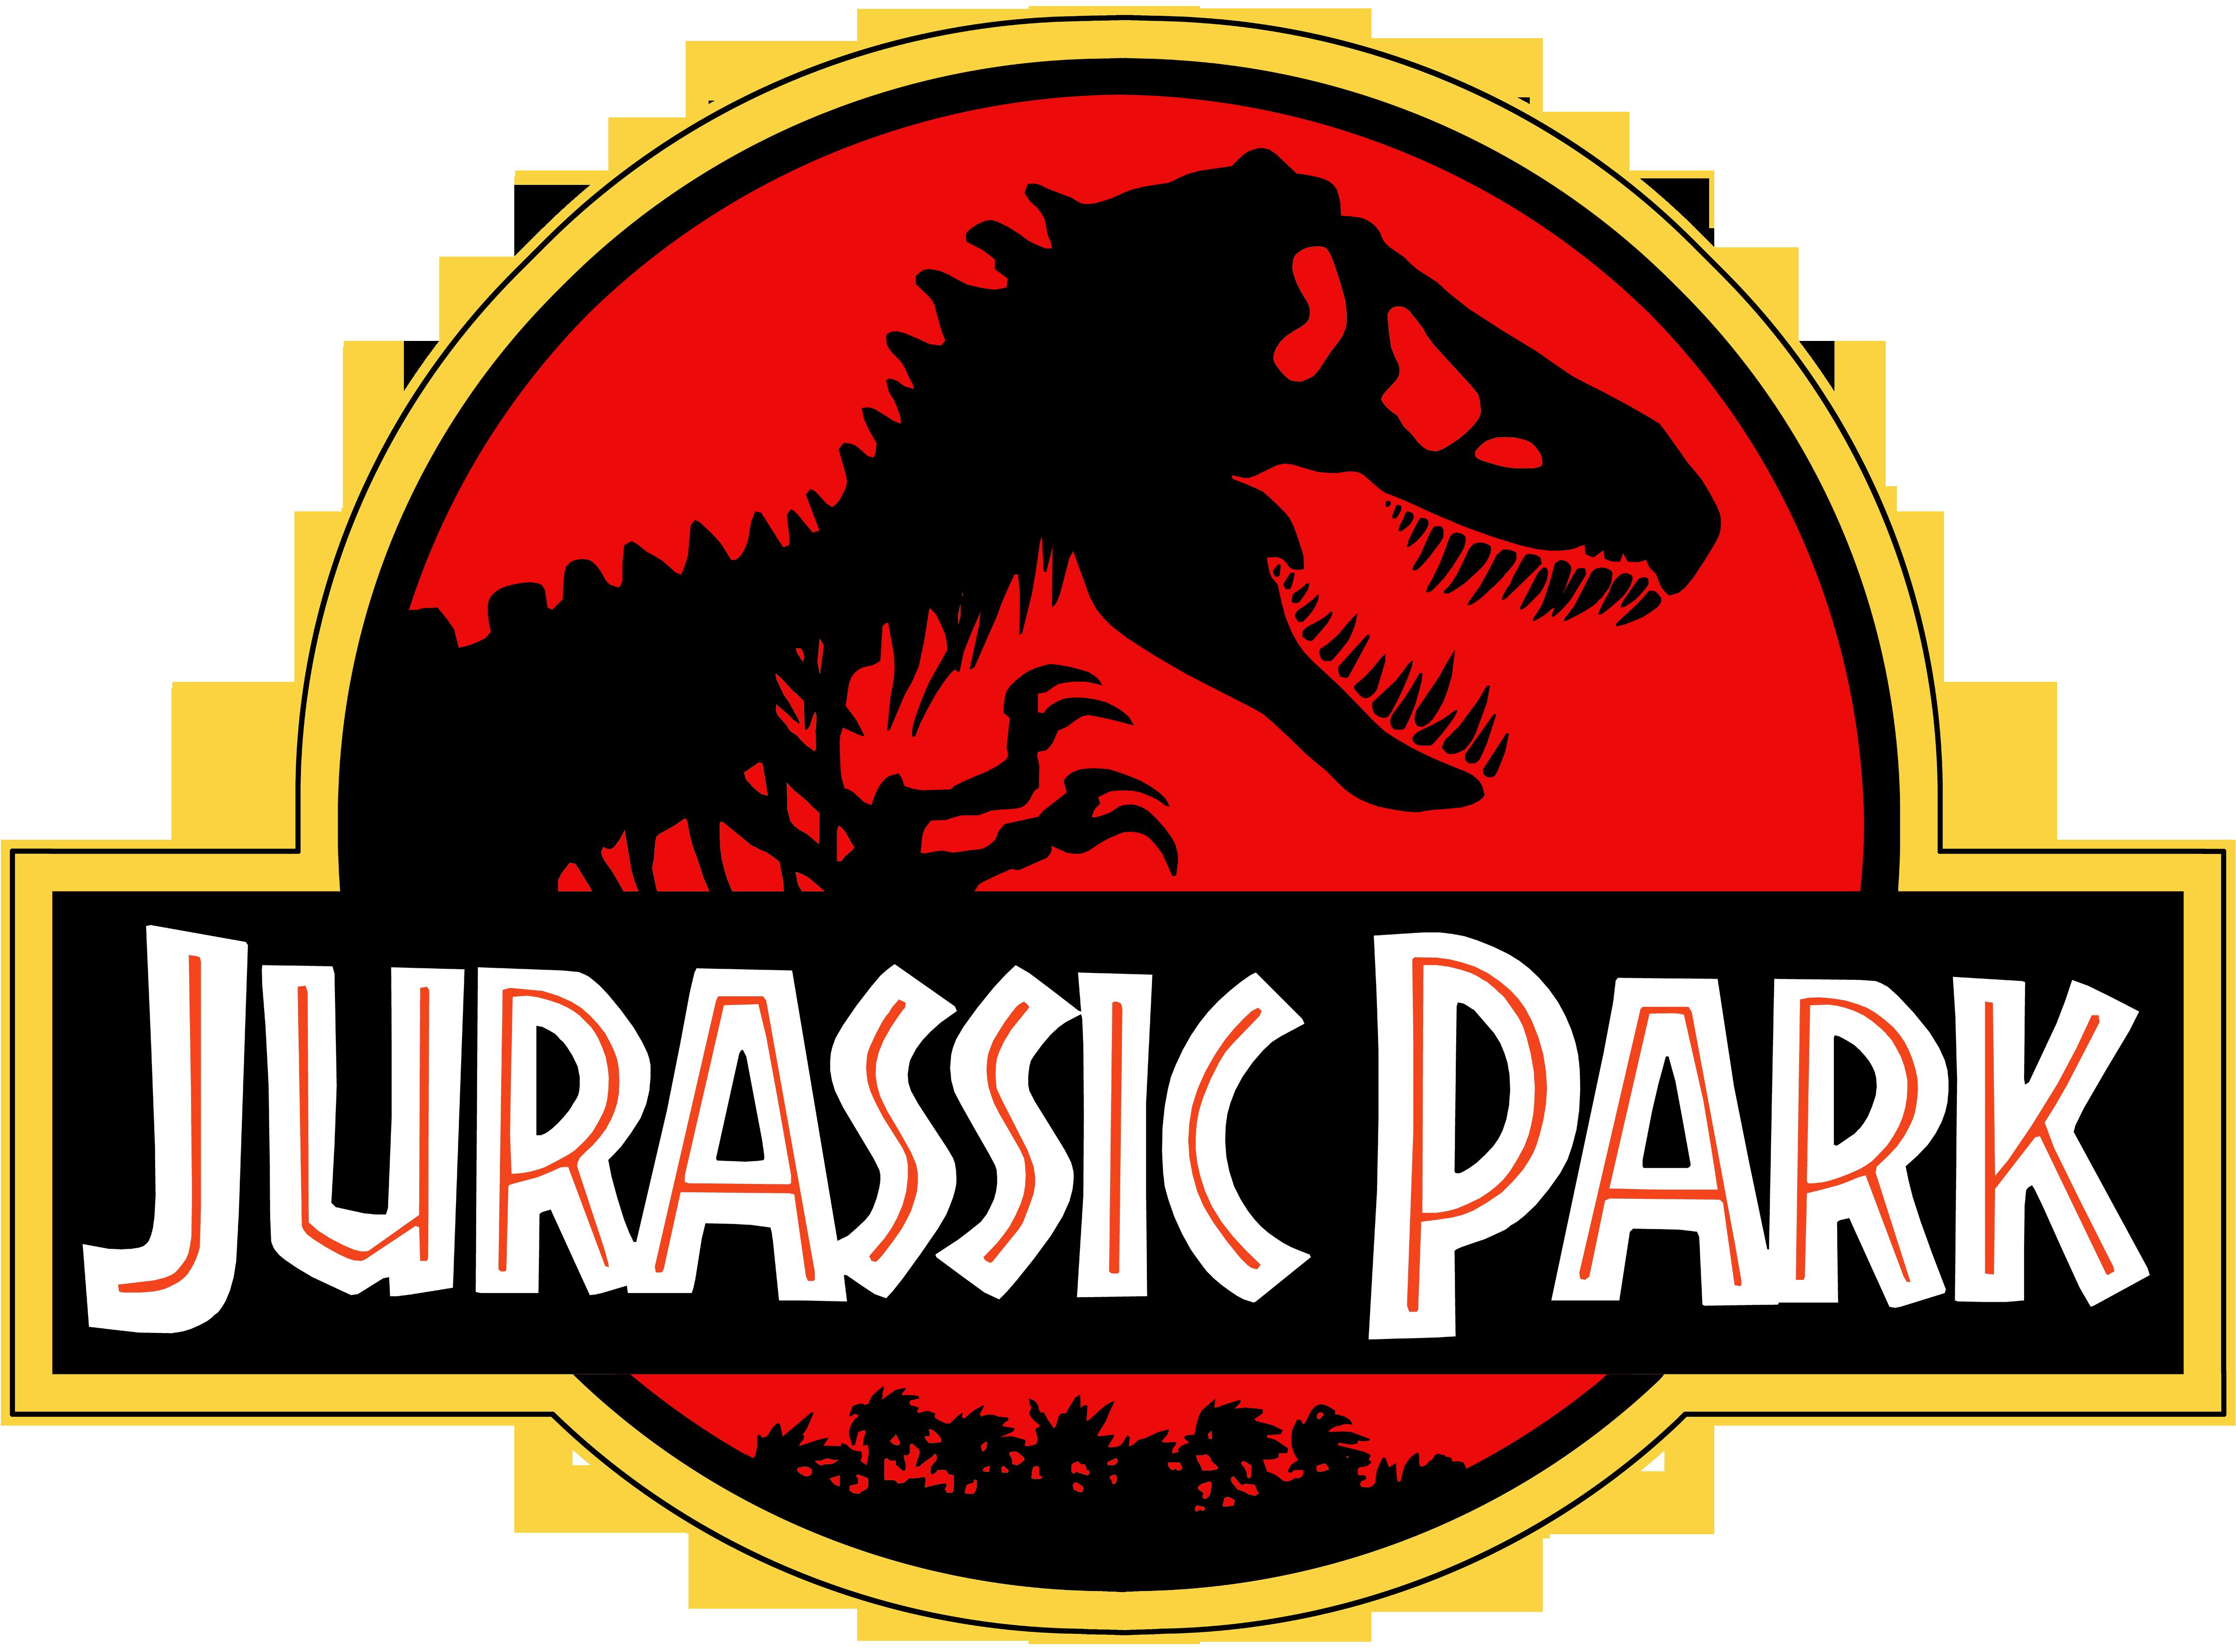 Jurassic Park PNG Transparent Jurassic Park.PNG Images..